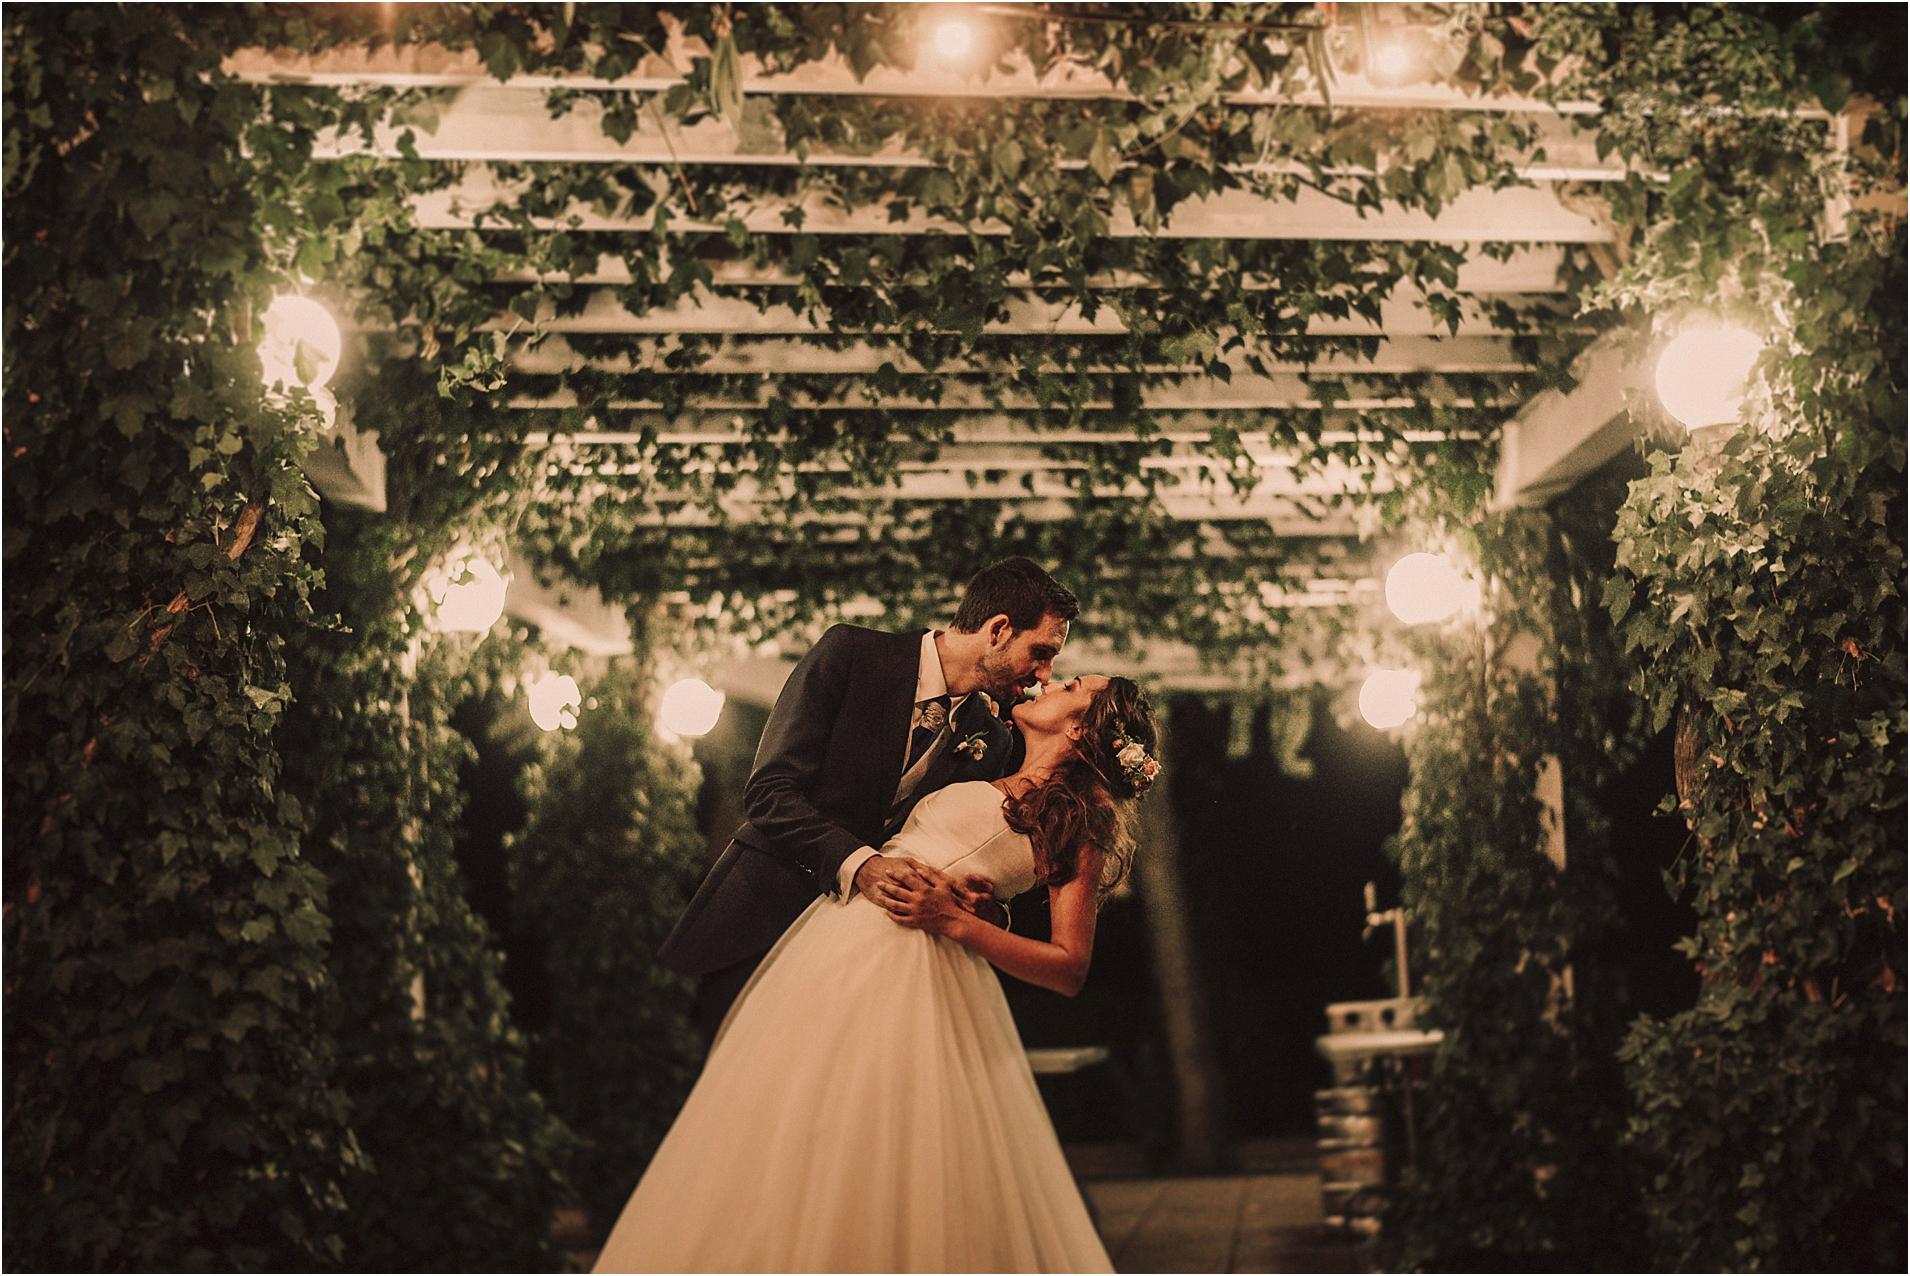 Fotografos-de-boda-donostia-zaragoza-san-sebastian-destination-wedding-photographer-116.jpg